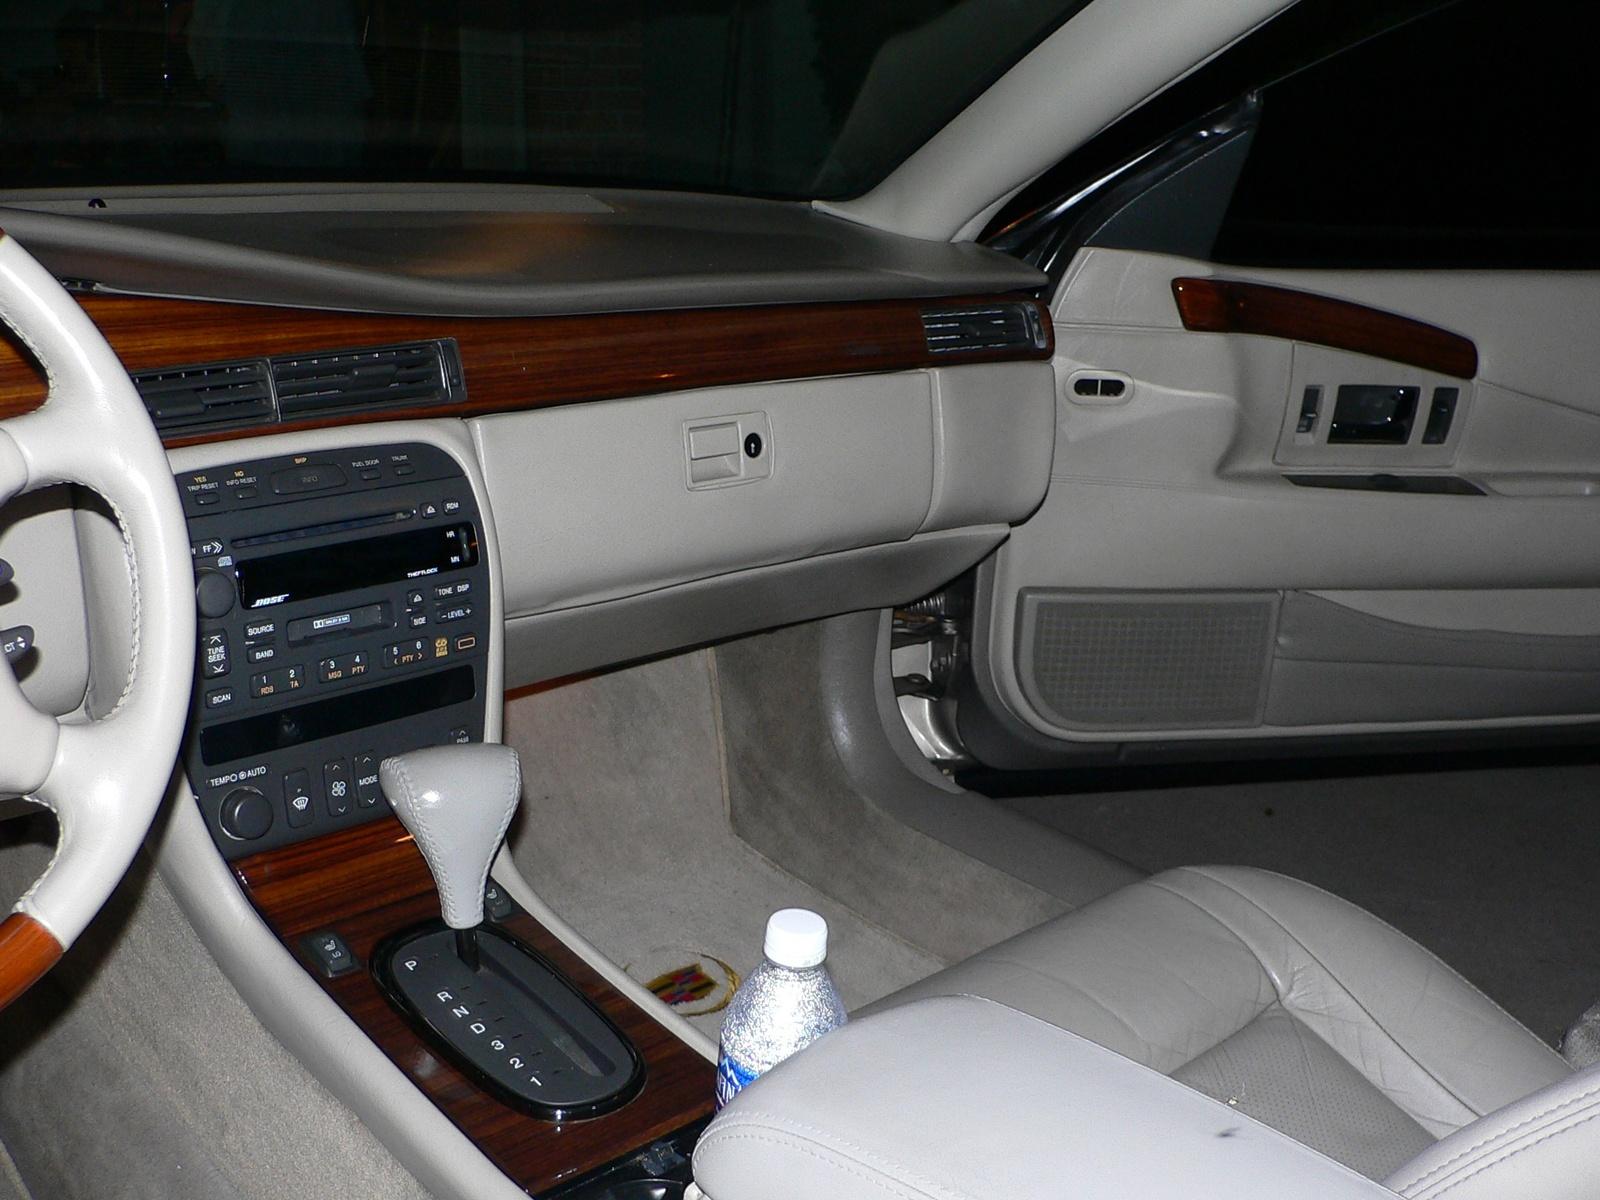 2000 Cadillac Eldorado Interior Pictures Cargurus